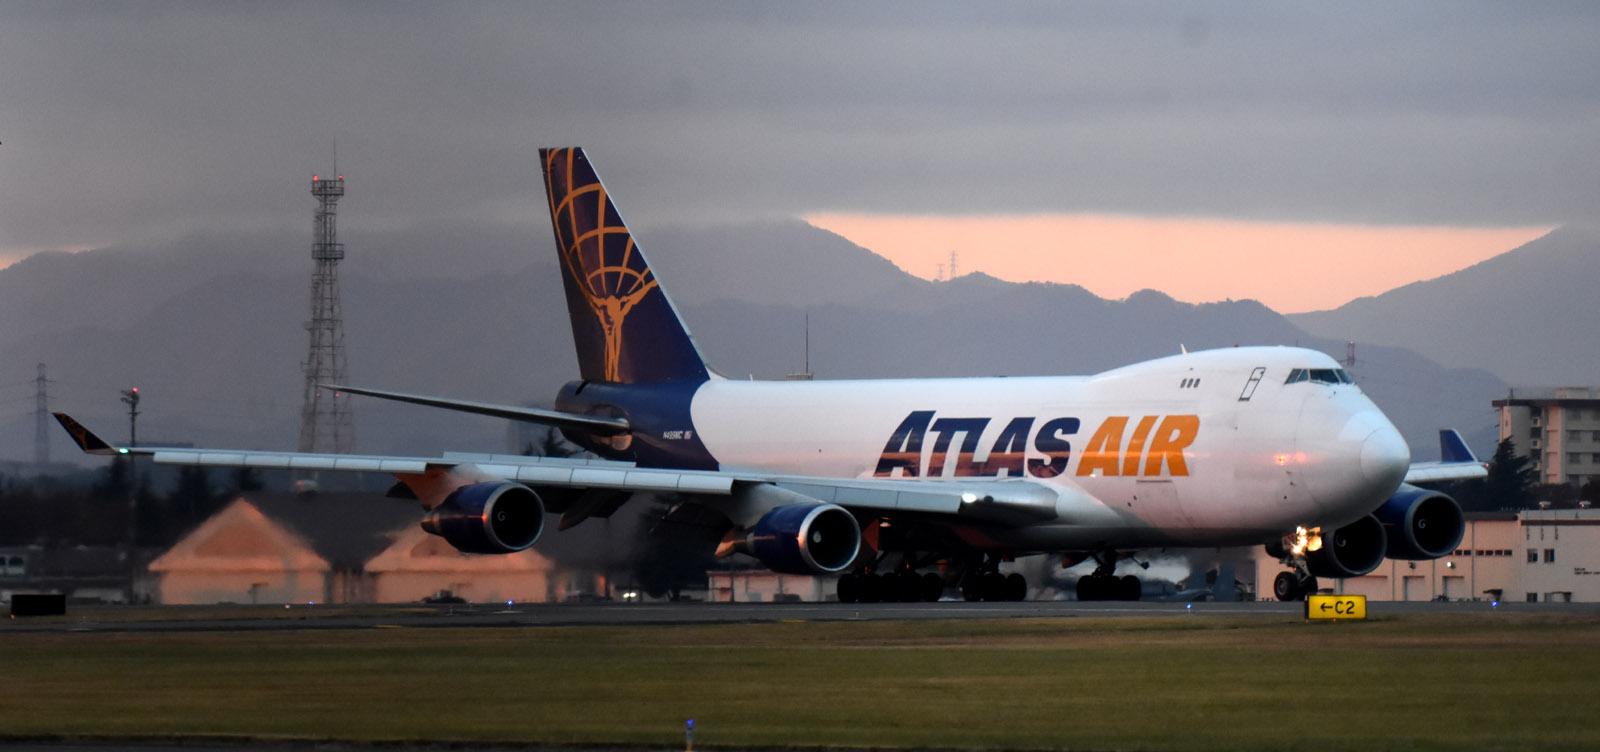 Atlas181125g136